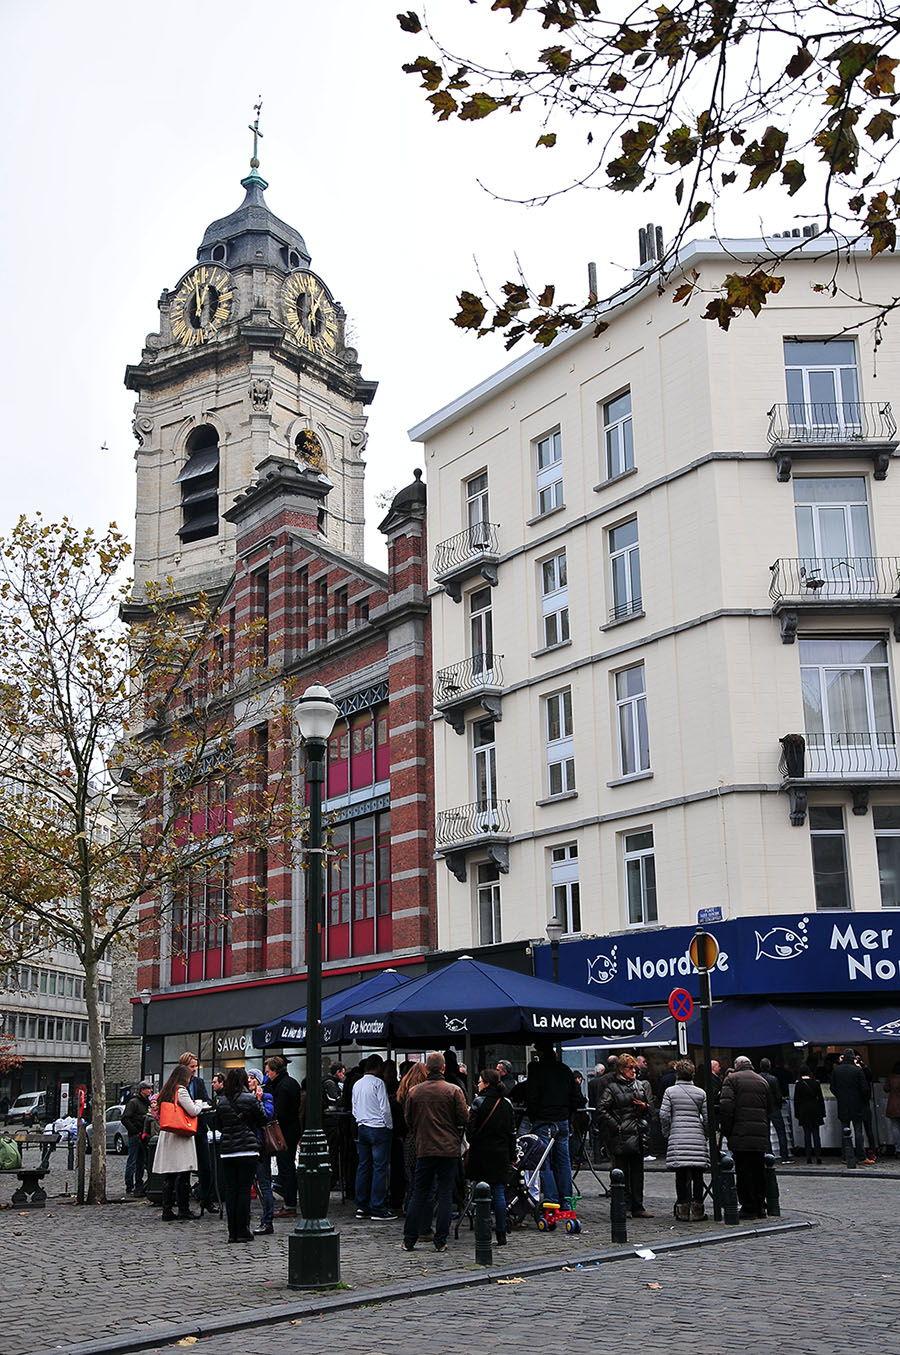 Les étals de Nordzee, une véritable institution à Bruxelles, située au coin de la place Sainte-Catherine...